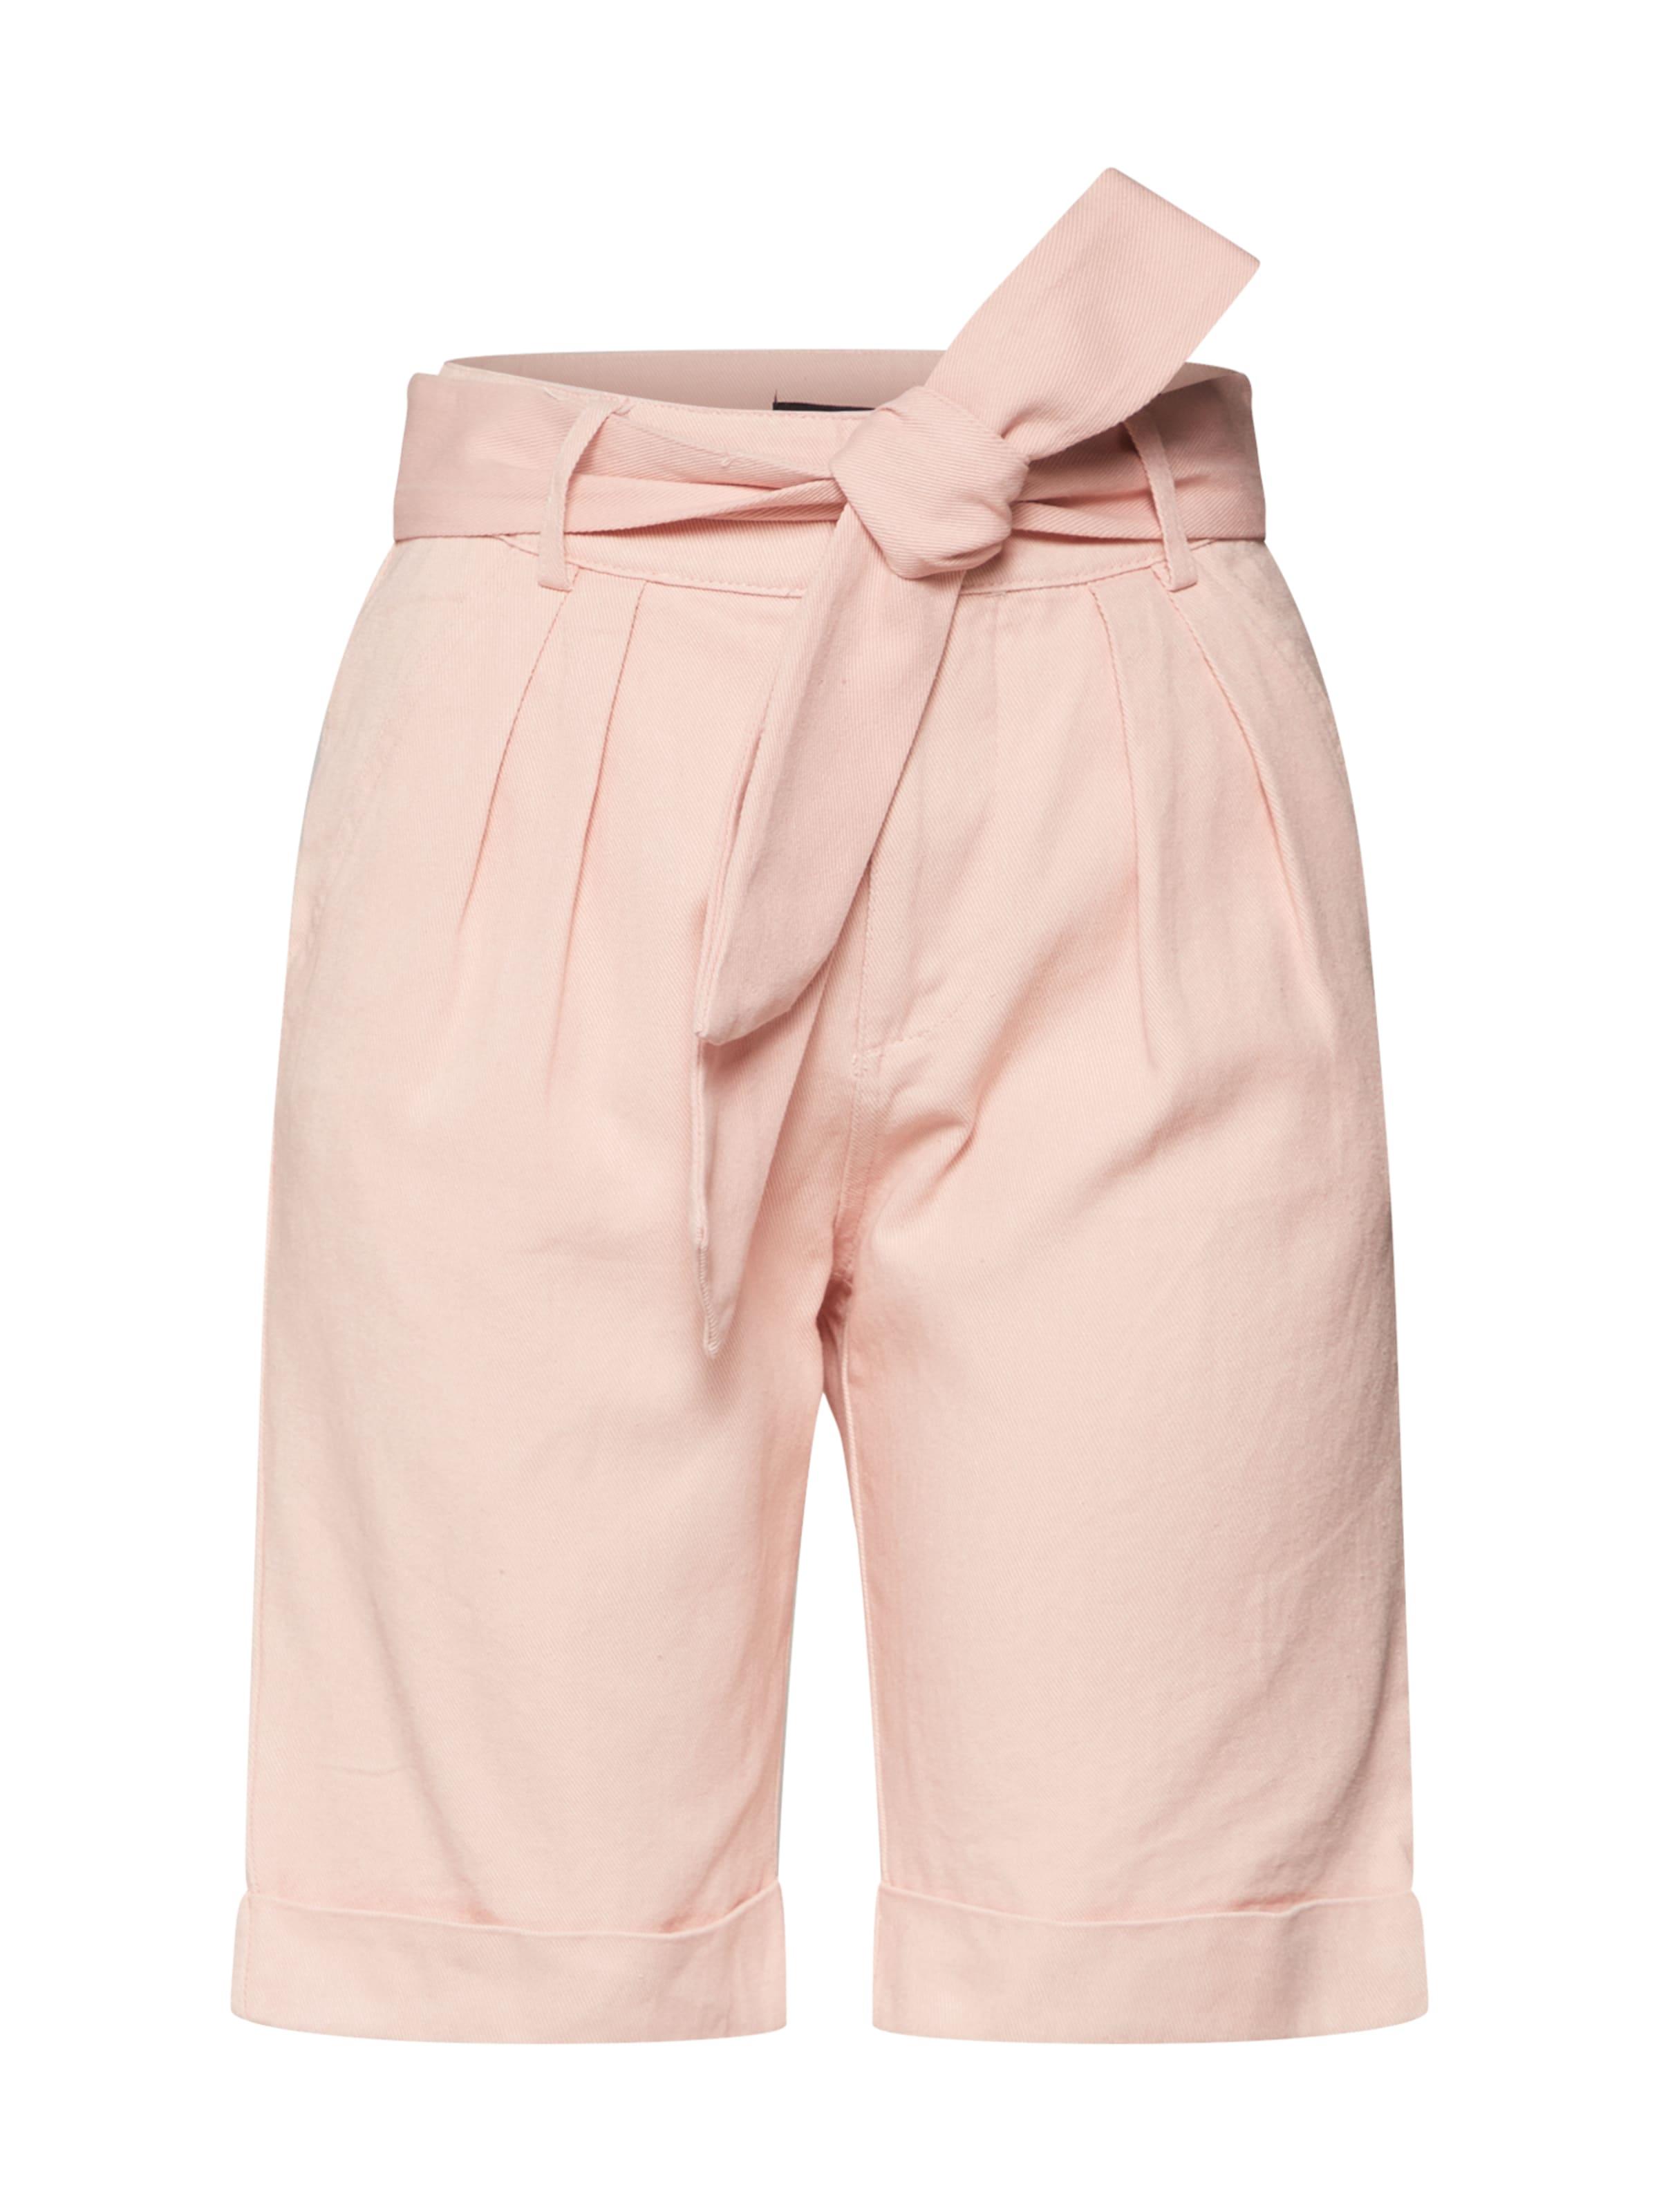 Rose Missguided En Short Pantalon 'belted Up Co Ord Pink' À Pince Turn dCxthQsr